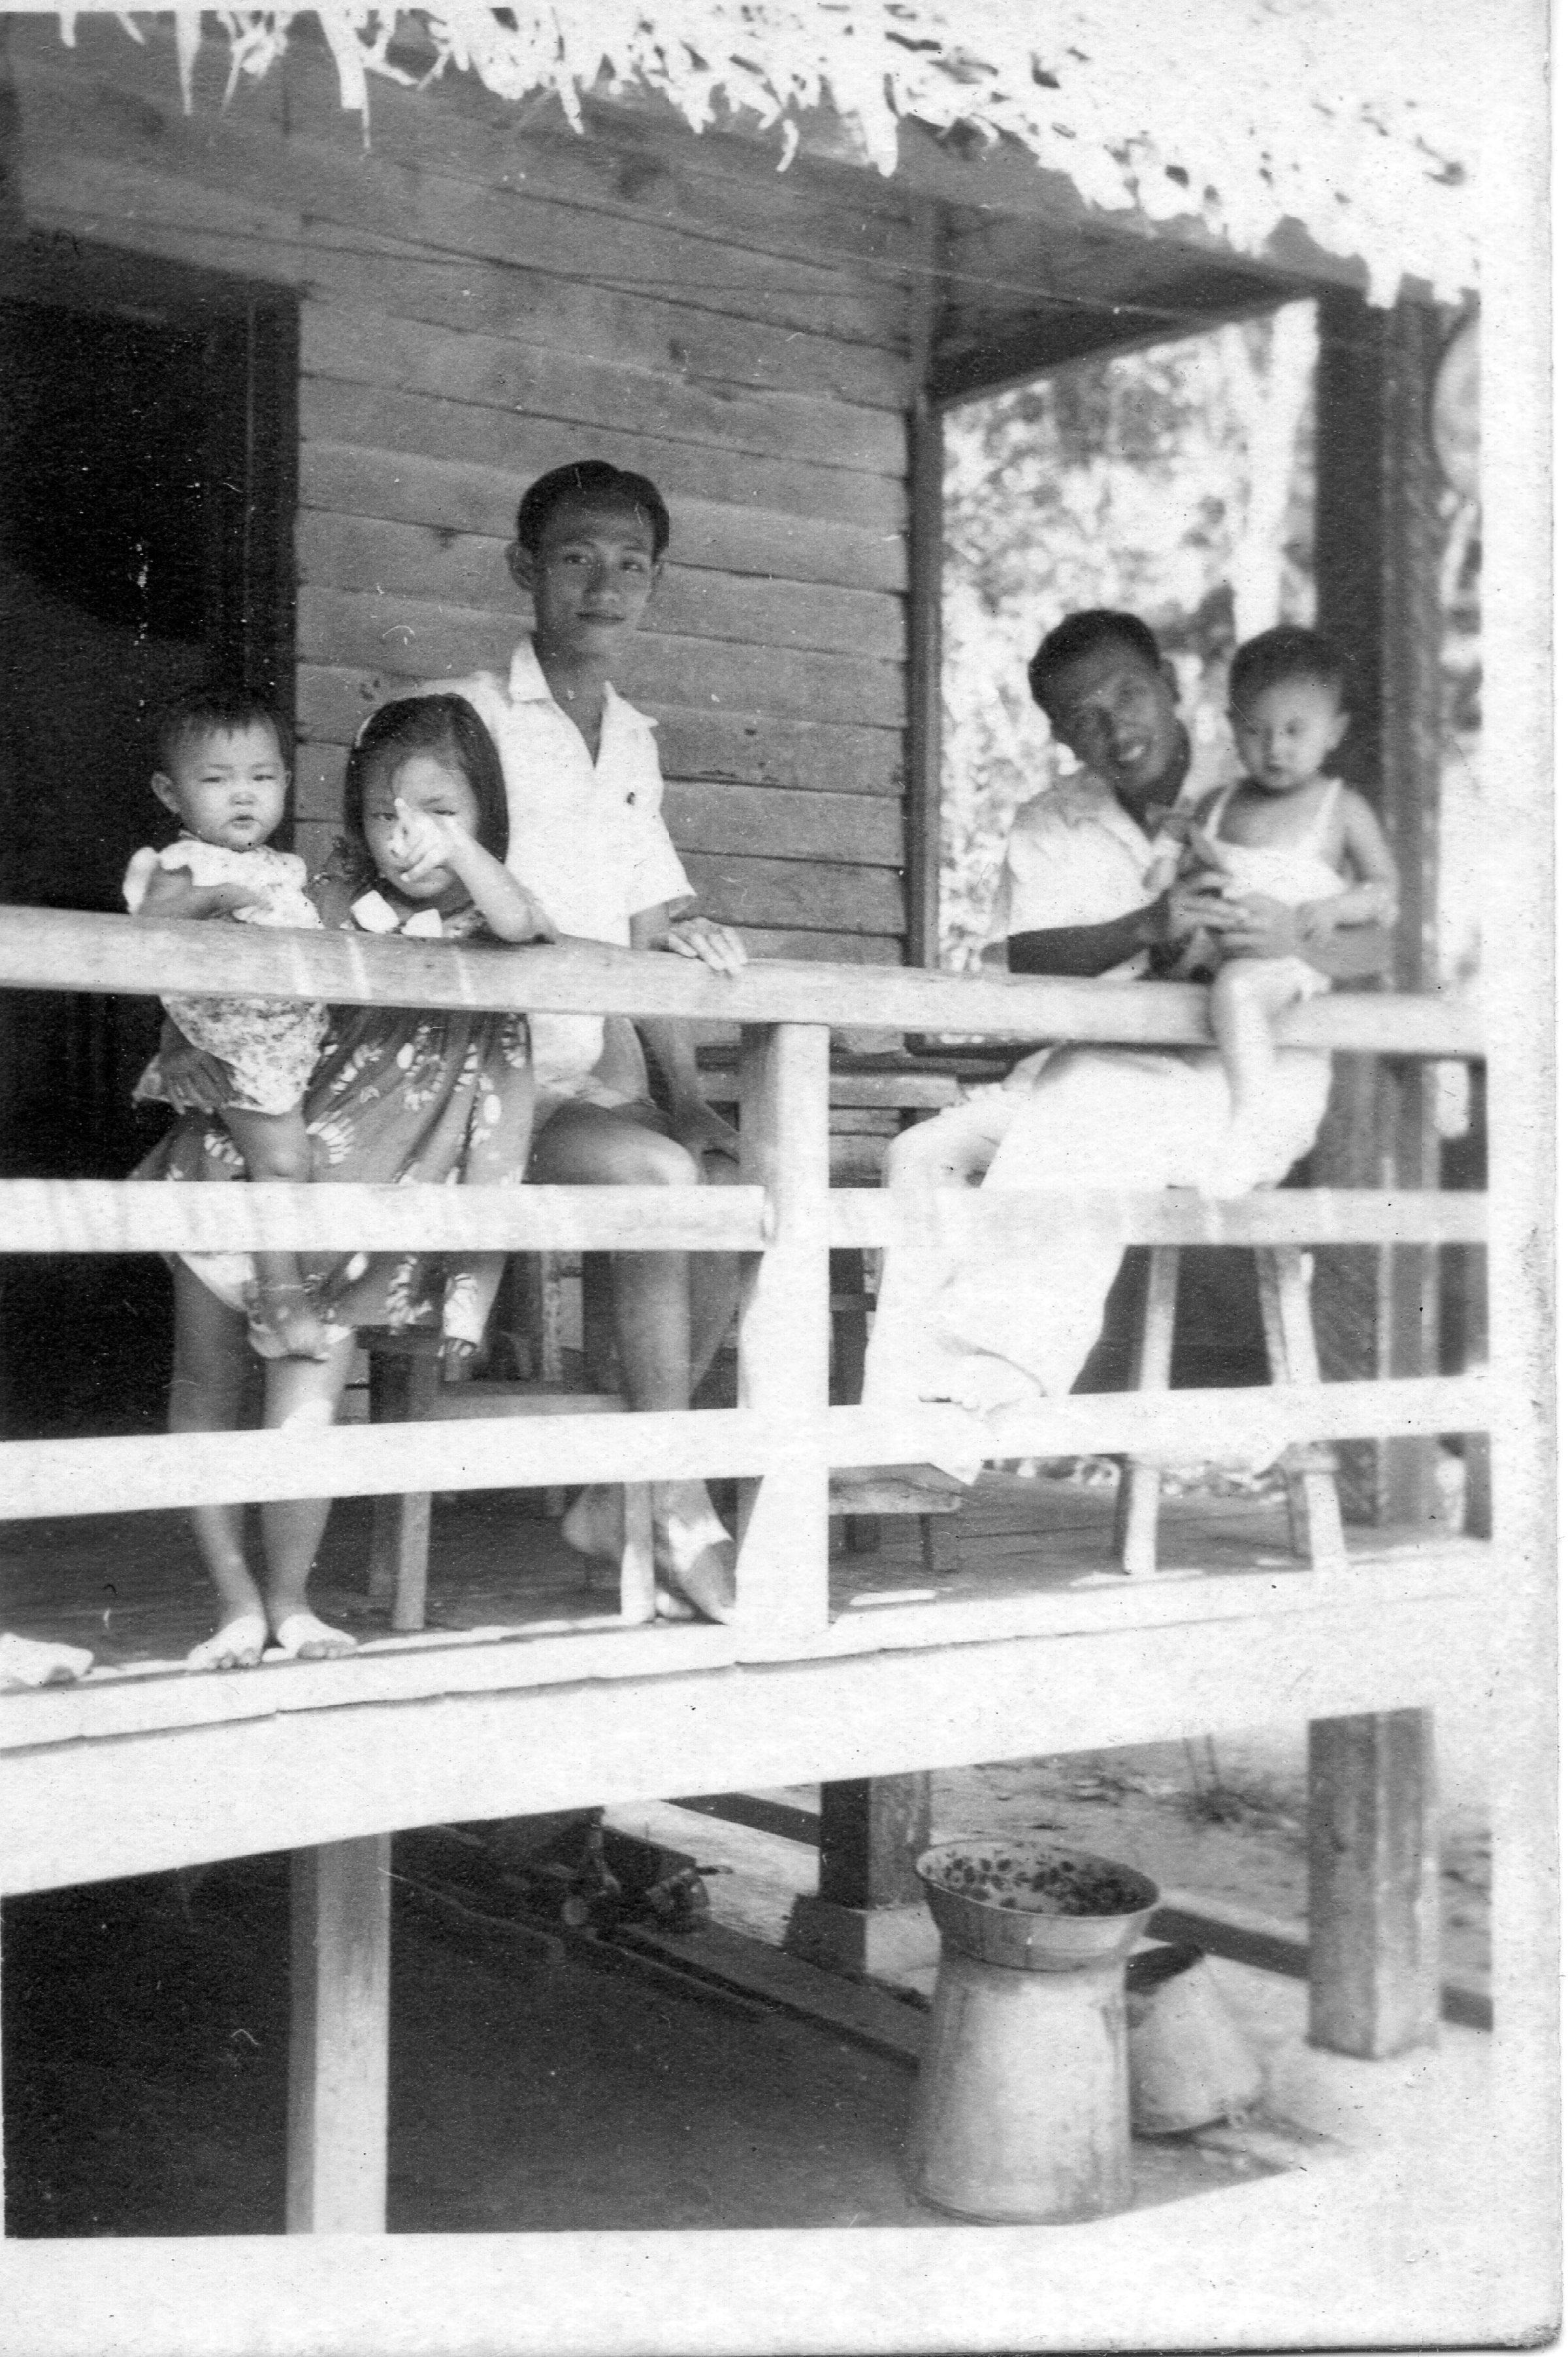 吳荻舟與朋友一起,三個孩子也在一起。